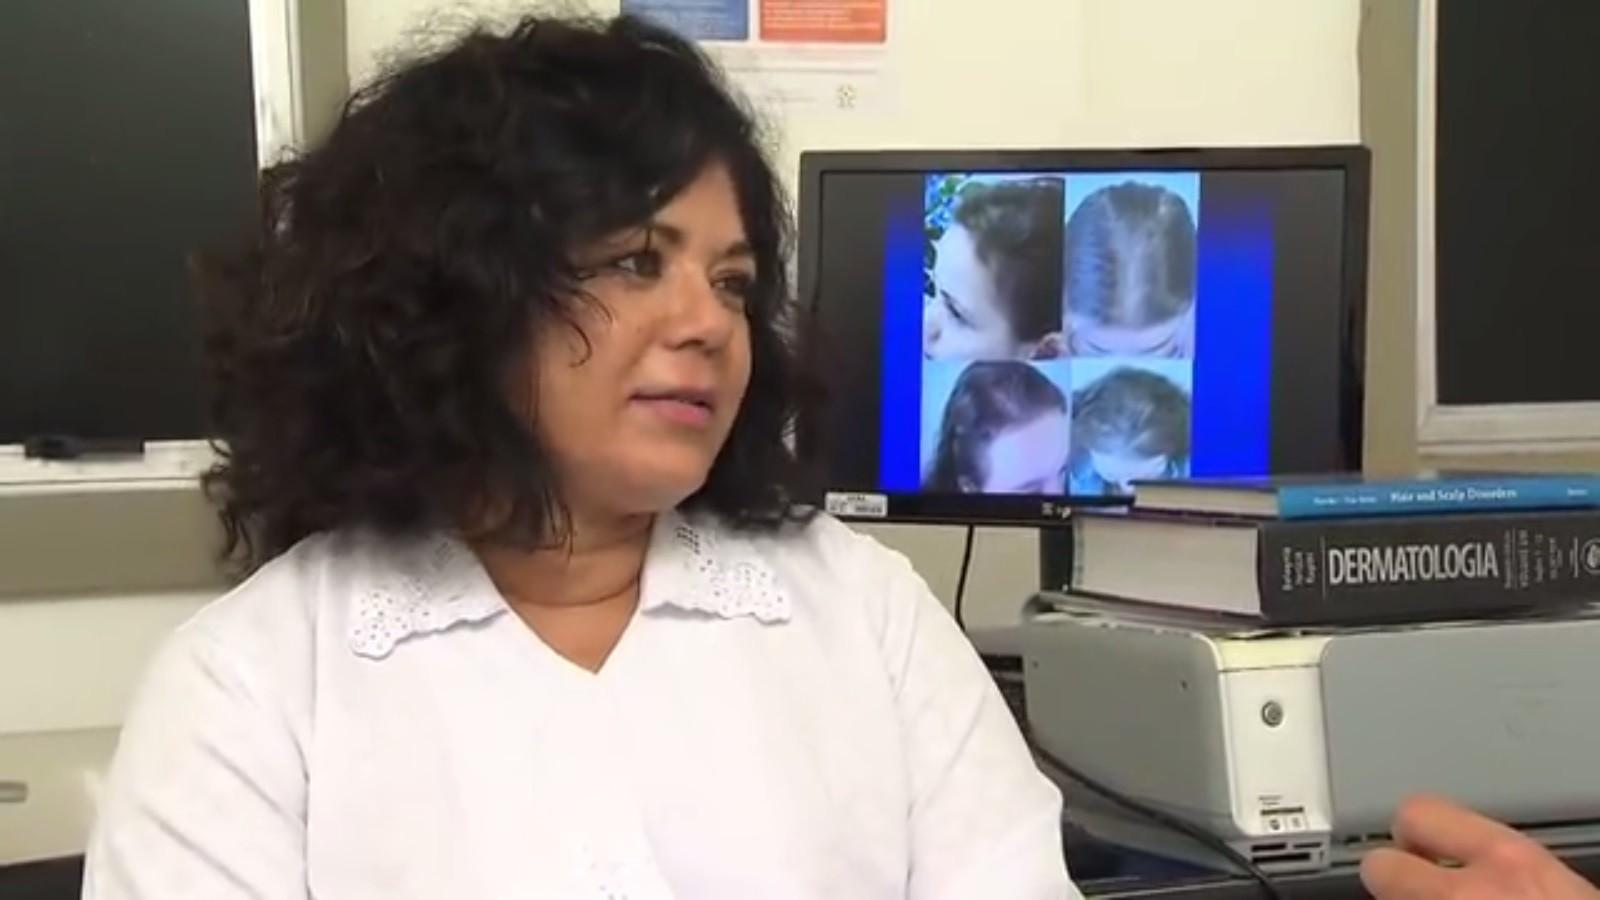 Dermatologista Ivonize Follador alerta que retirada excessiva pode gerar danos funcionais (Foto: Divulgação)